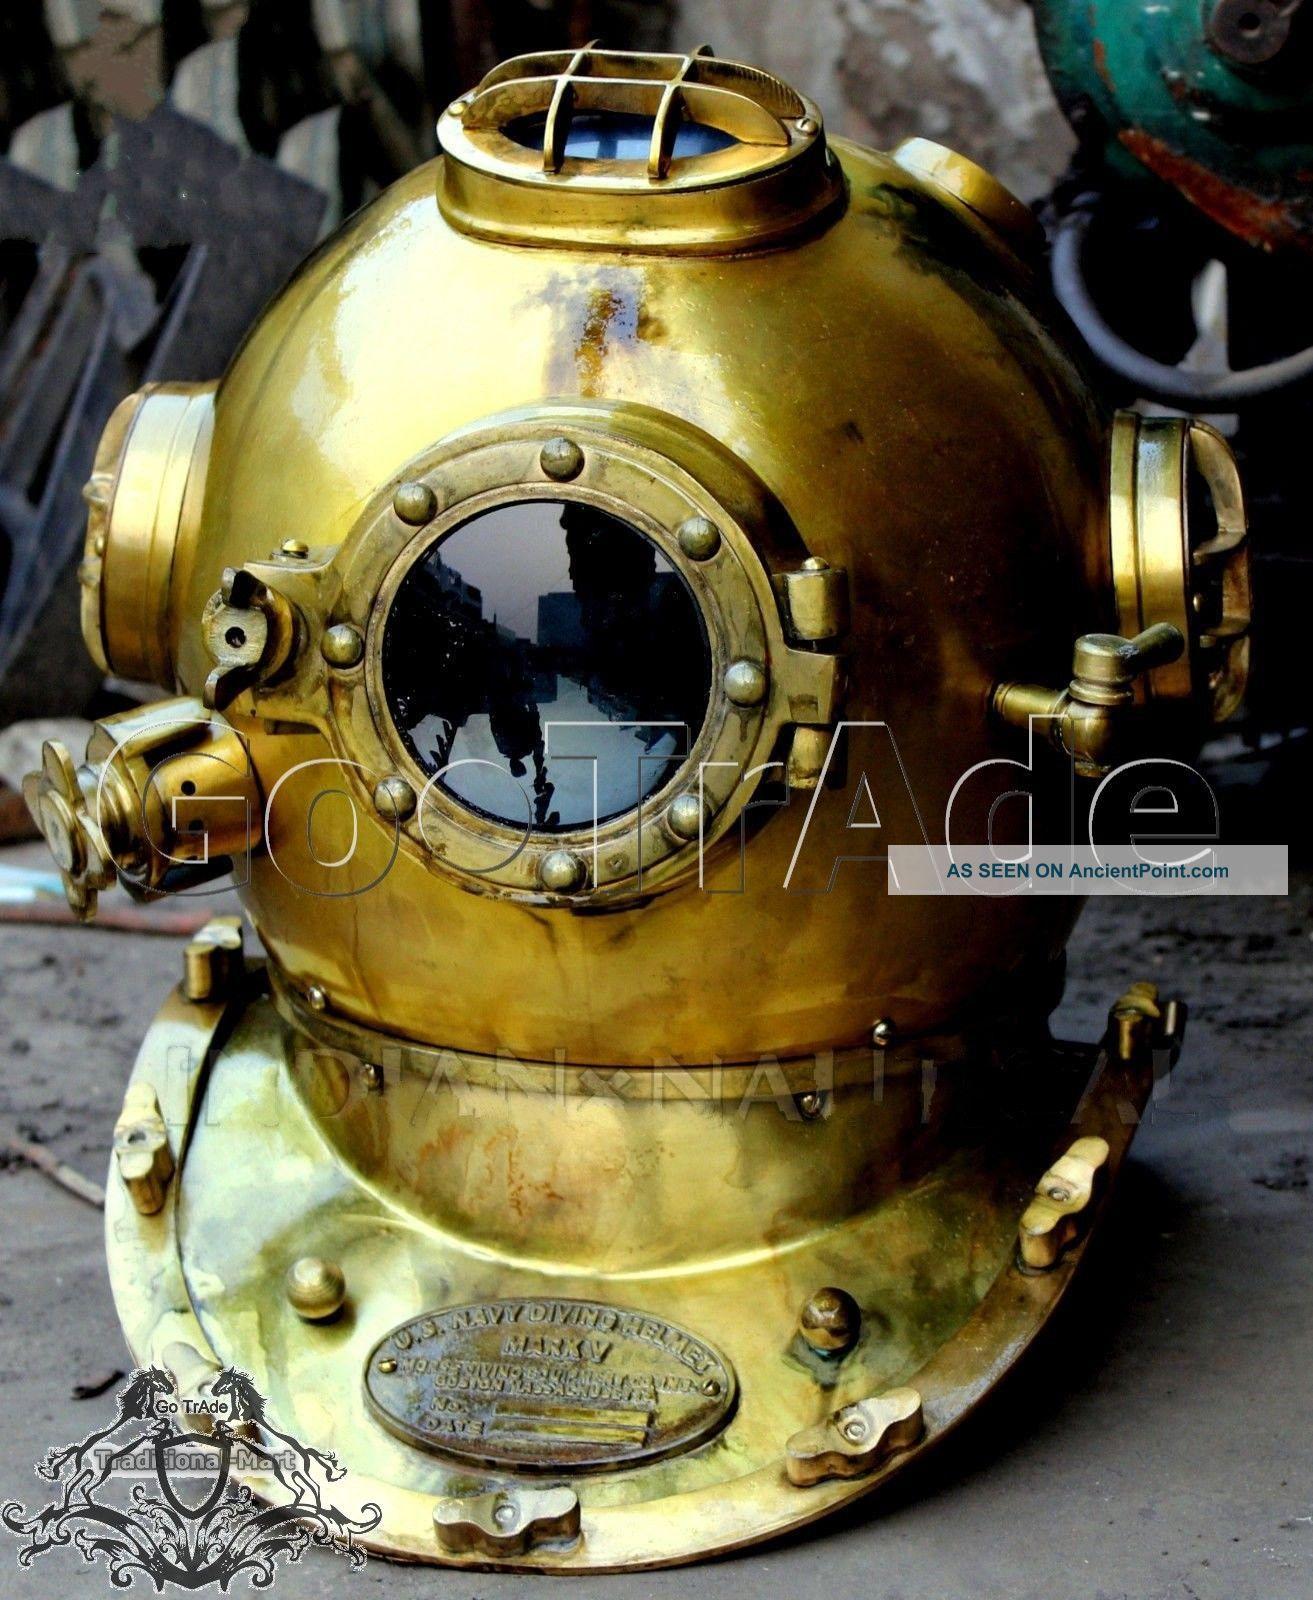 Antique Us Navy Vintage Dive Helmet Mark V Antique Diving Divers Helmet Go.  Trade Diving Helmets photo